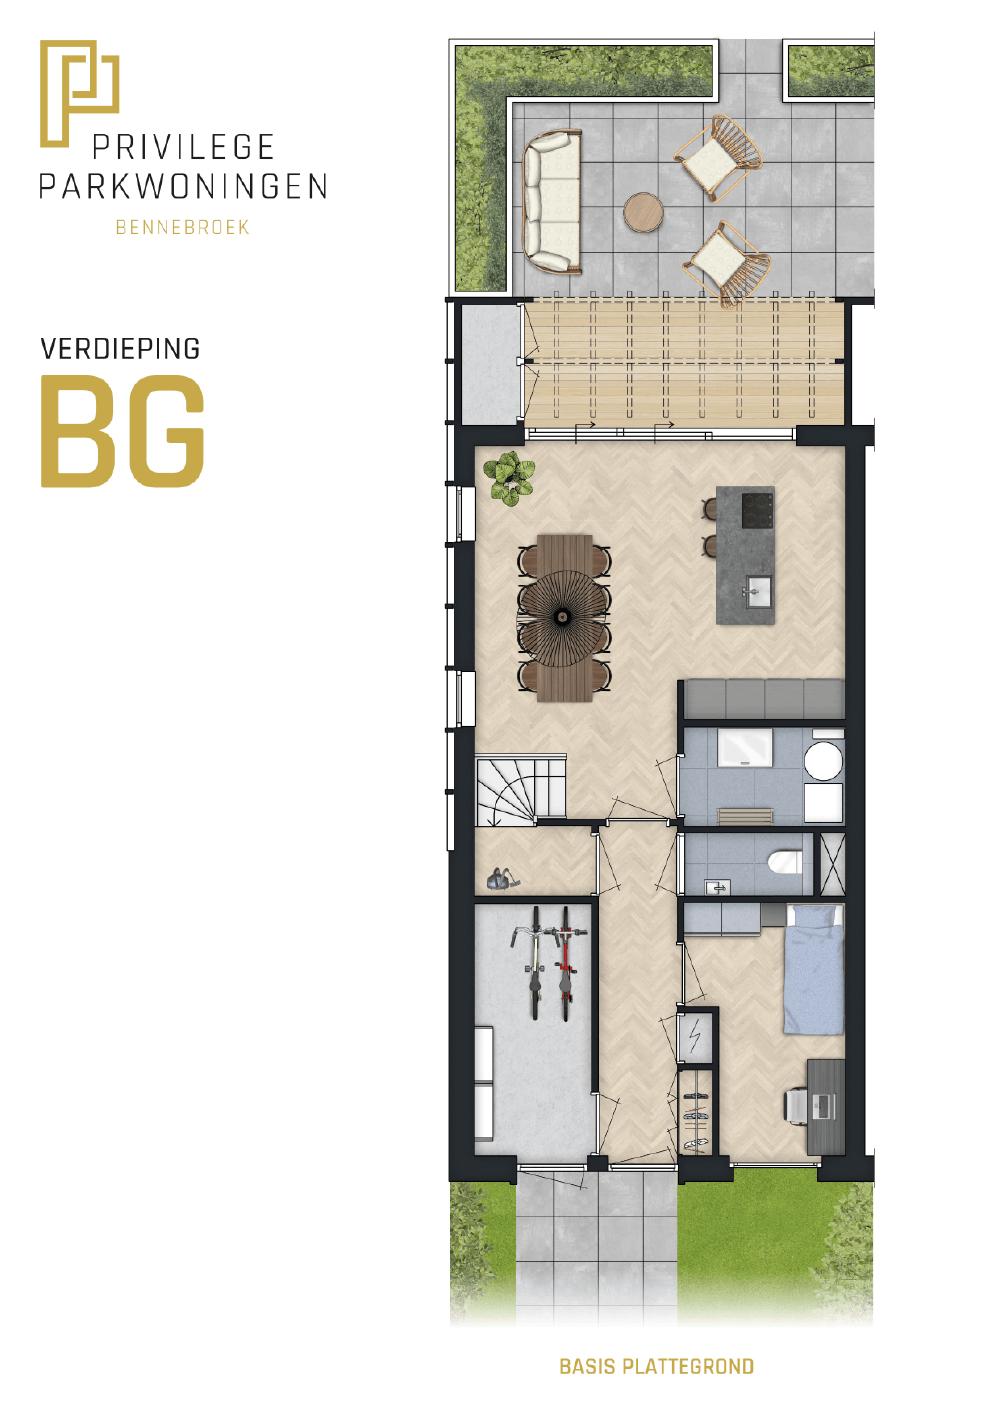 mvm-makelaardij-nieuwbouw-bennebroek-foto-plattegrond-3